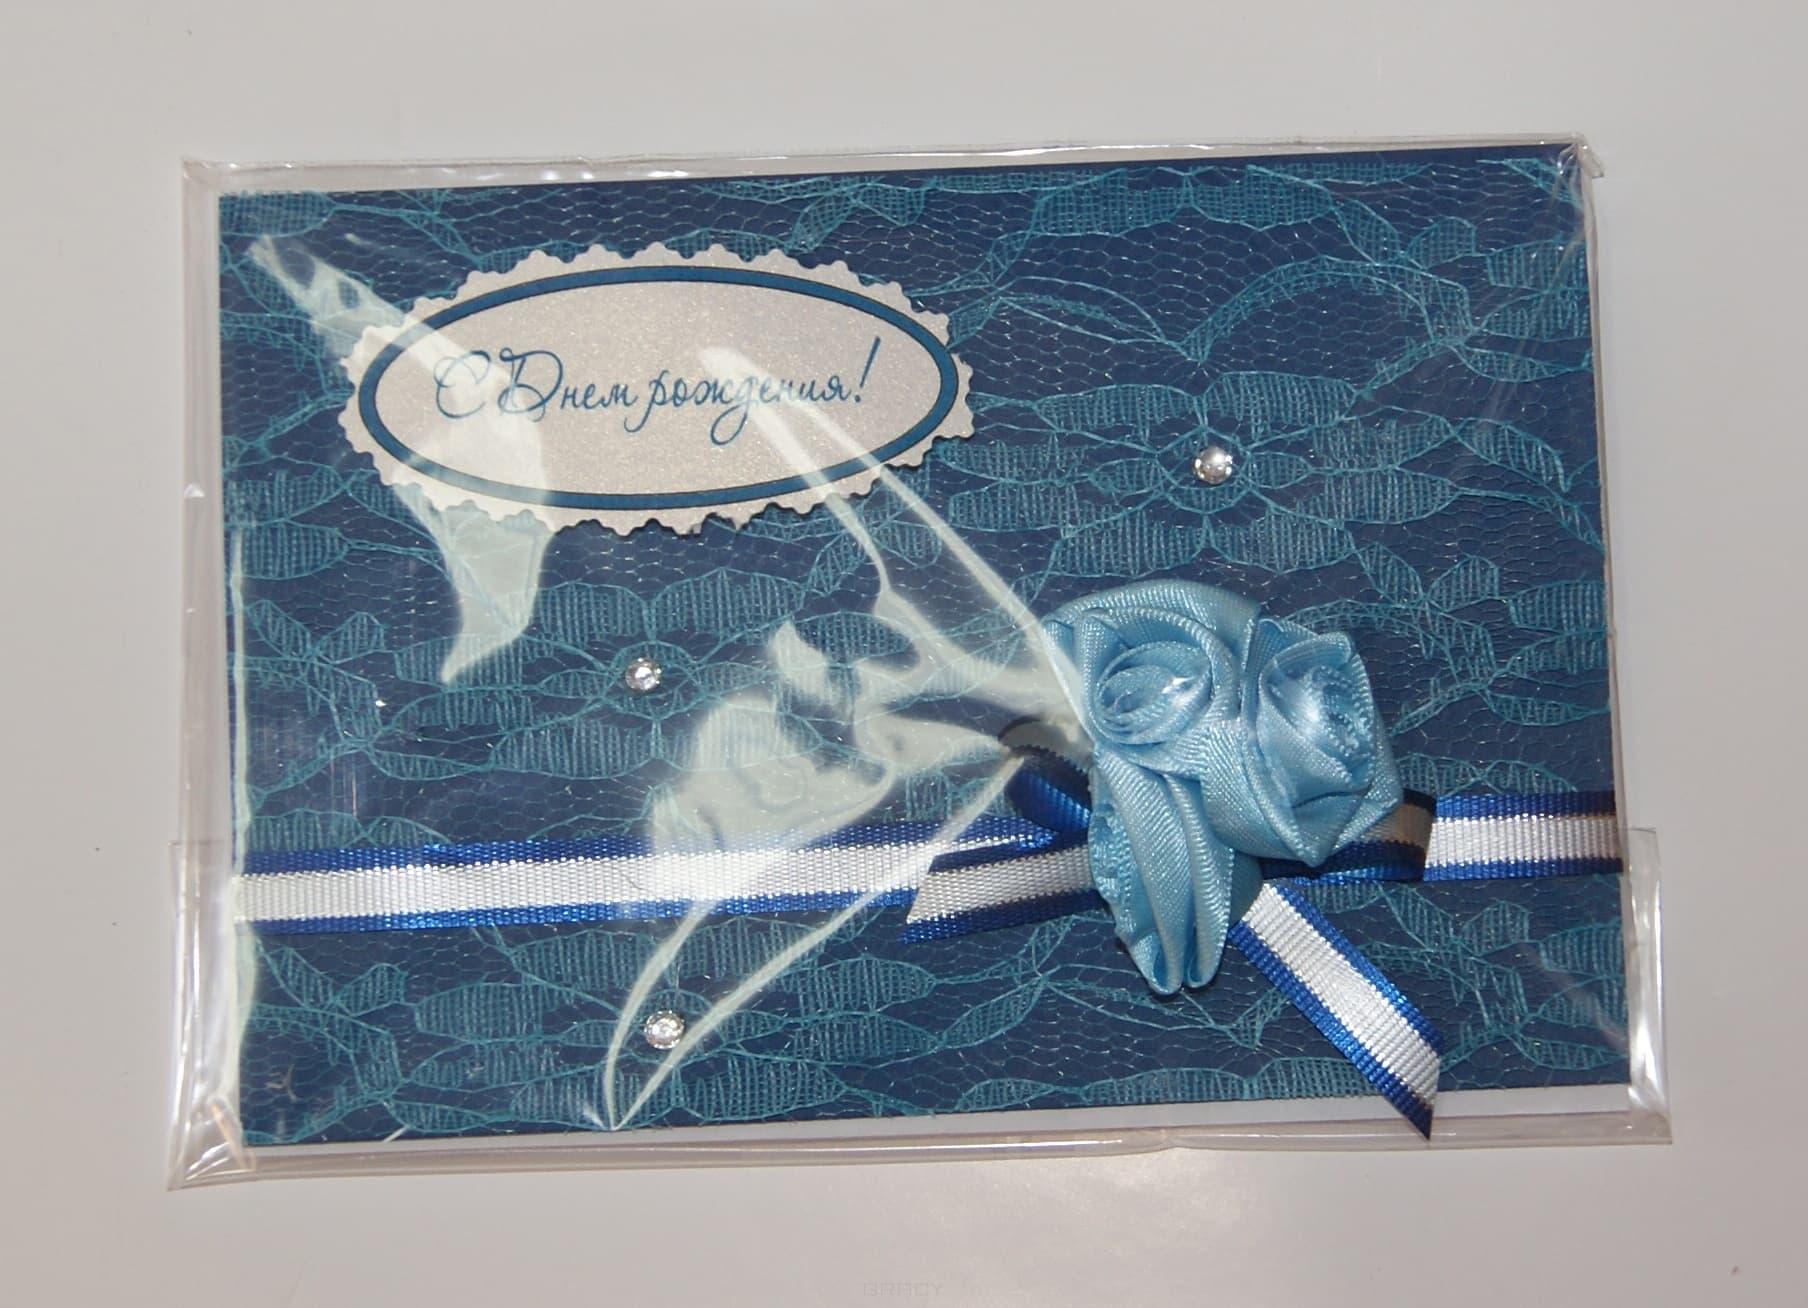 Открытка С Днем Рождения из синего кружева, 15,5х11 смОткрытка ручной работы выполнена из дизайнерского картона, атласных лент и аксессуаров. Комплектация: открытка, поздравительный текст, упаковочный пакет. Размер в см. 15,5х11<br>